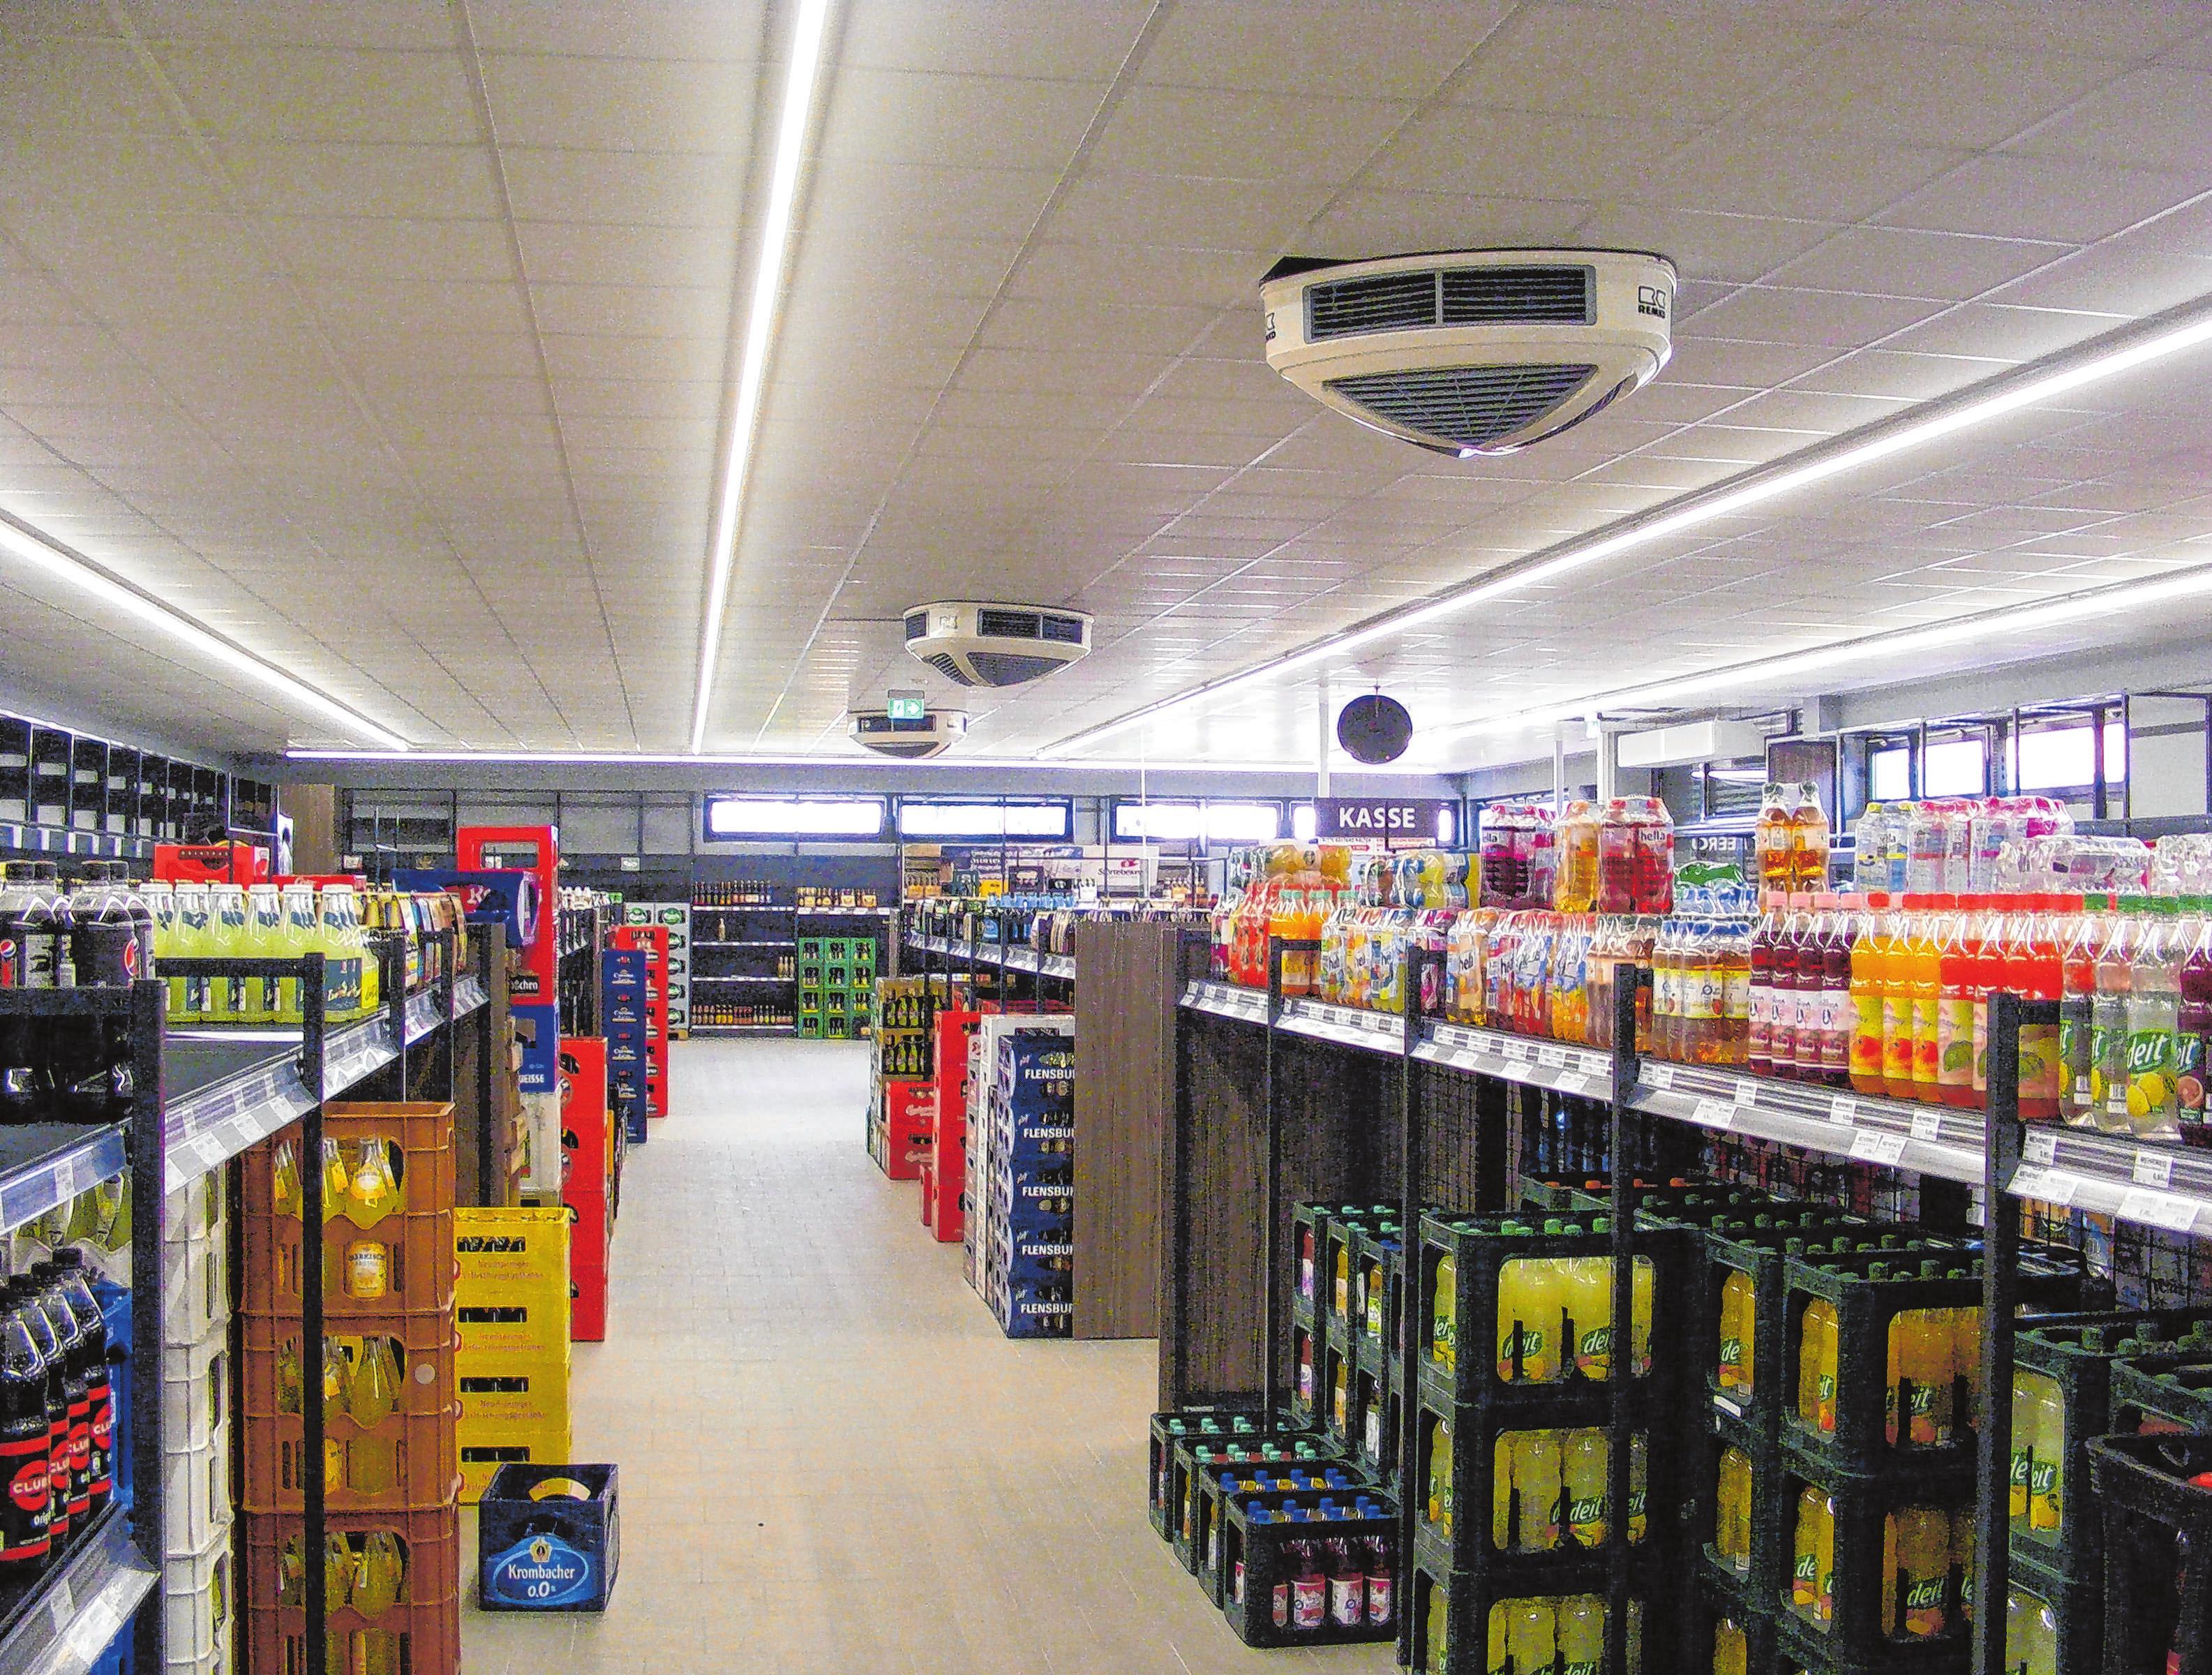 Hell und modern wirkt die Einrichtung des neugebauten Getränkemarkts zum Curland, die Waren sind nun sehr übersichtlich sortiert und platziert.